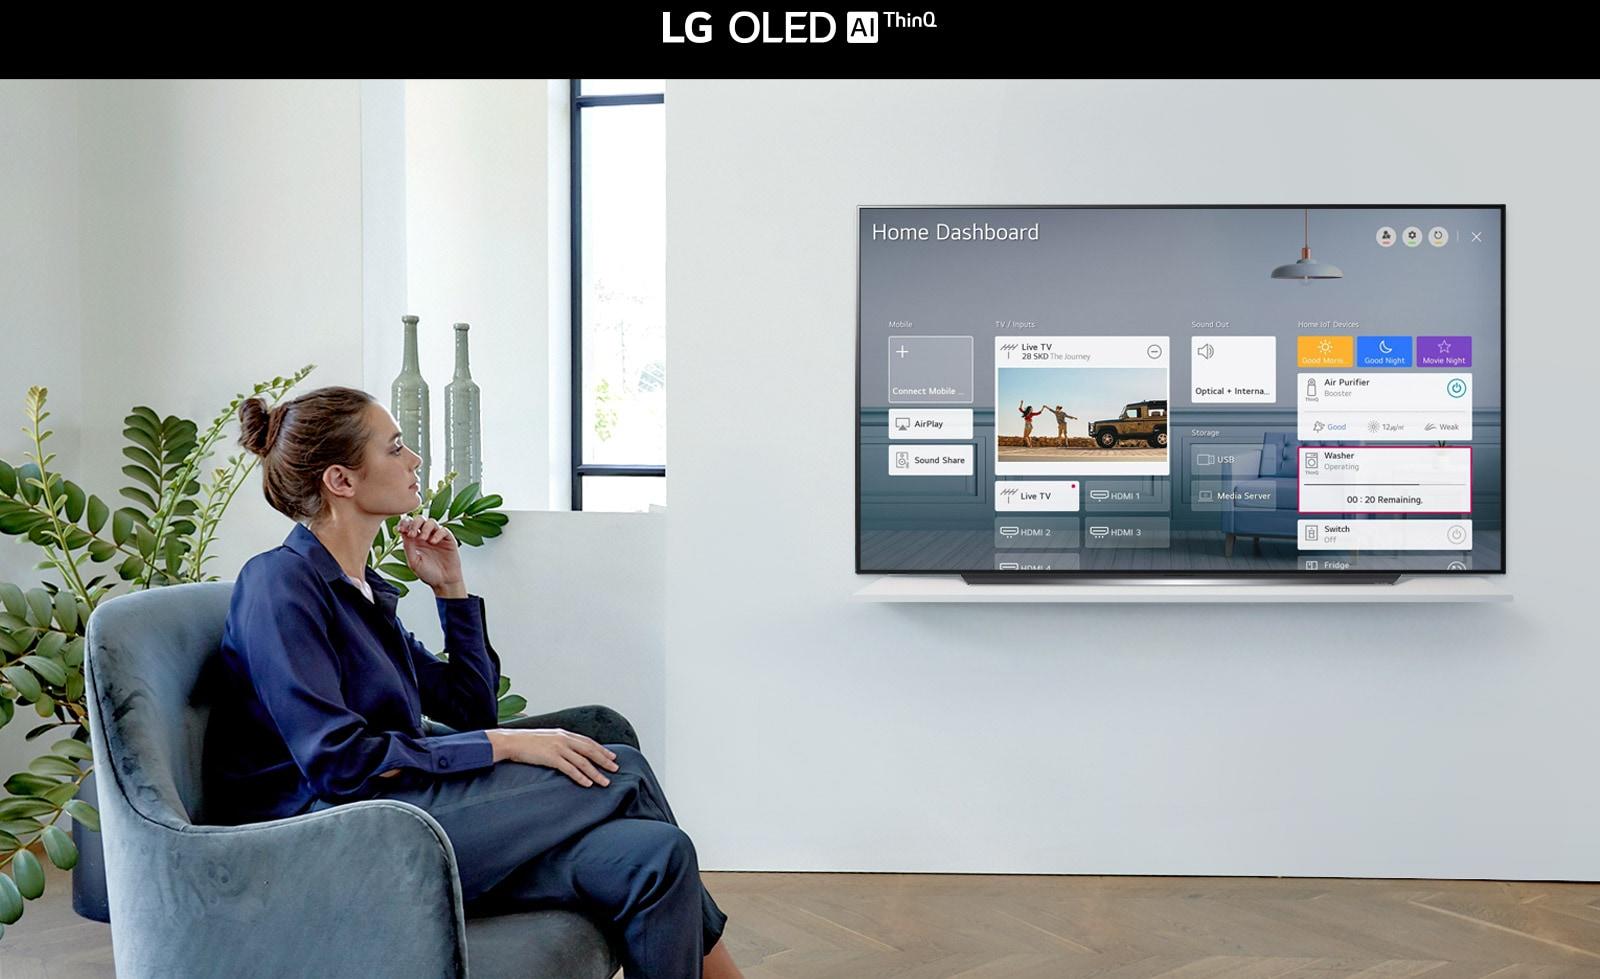 Vrouw zit op een stoel in de woonkamer met het Home Dashboard op het tv-scherm.